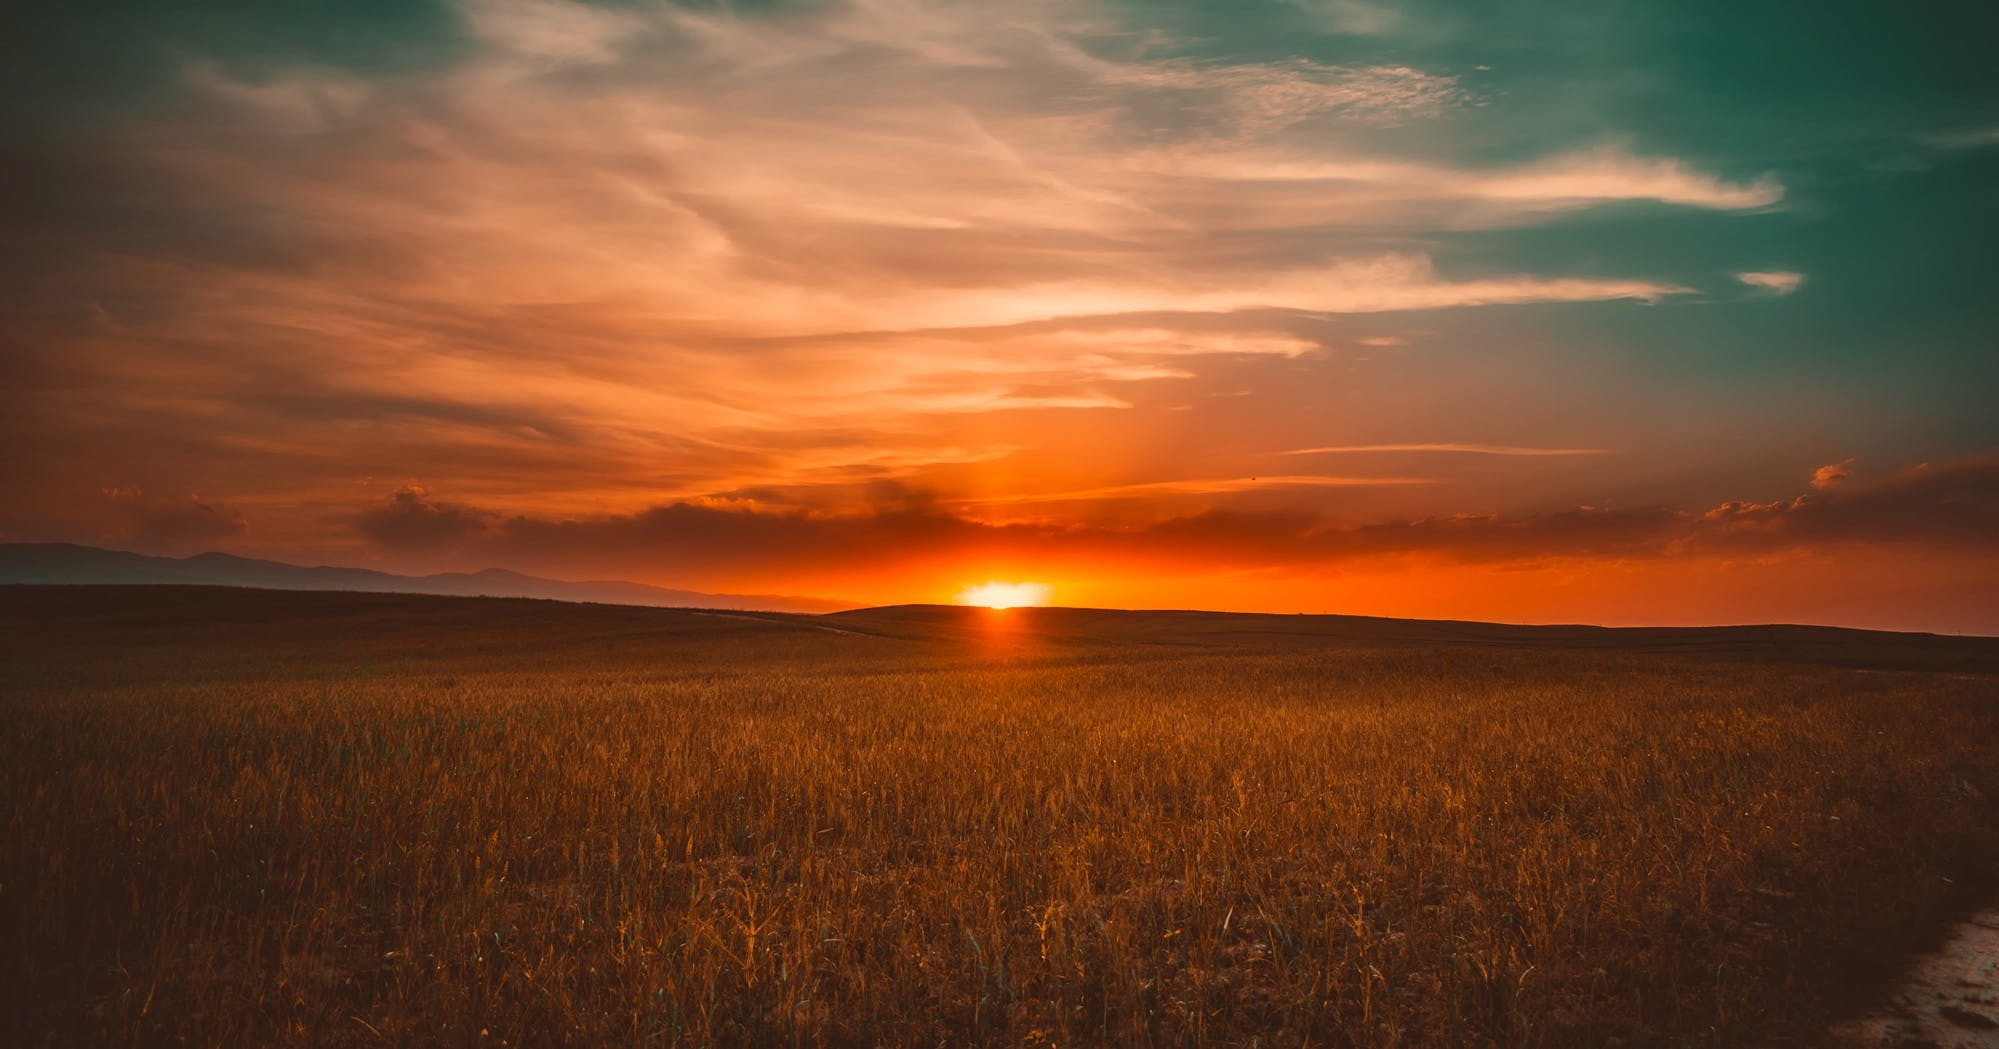 clouds, cropland, crops